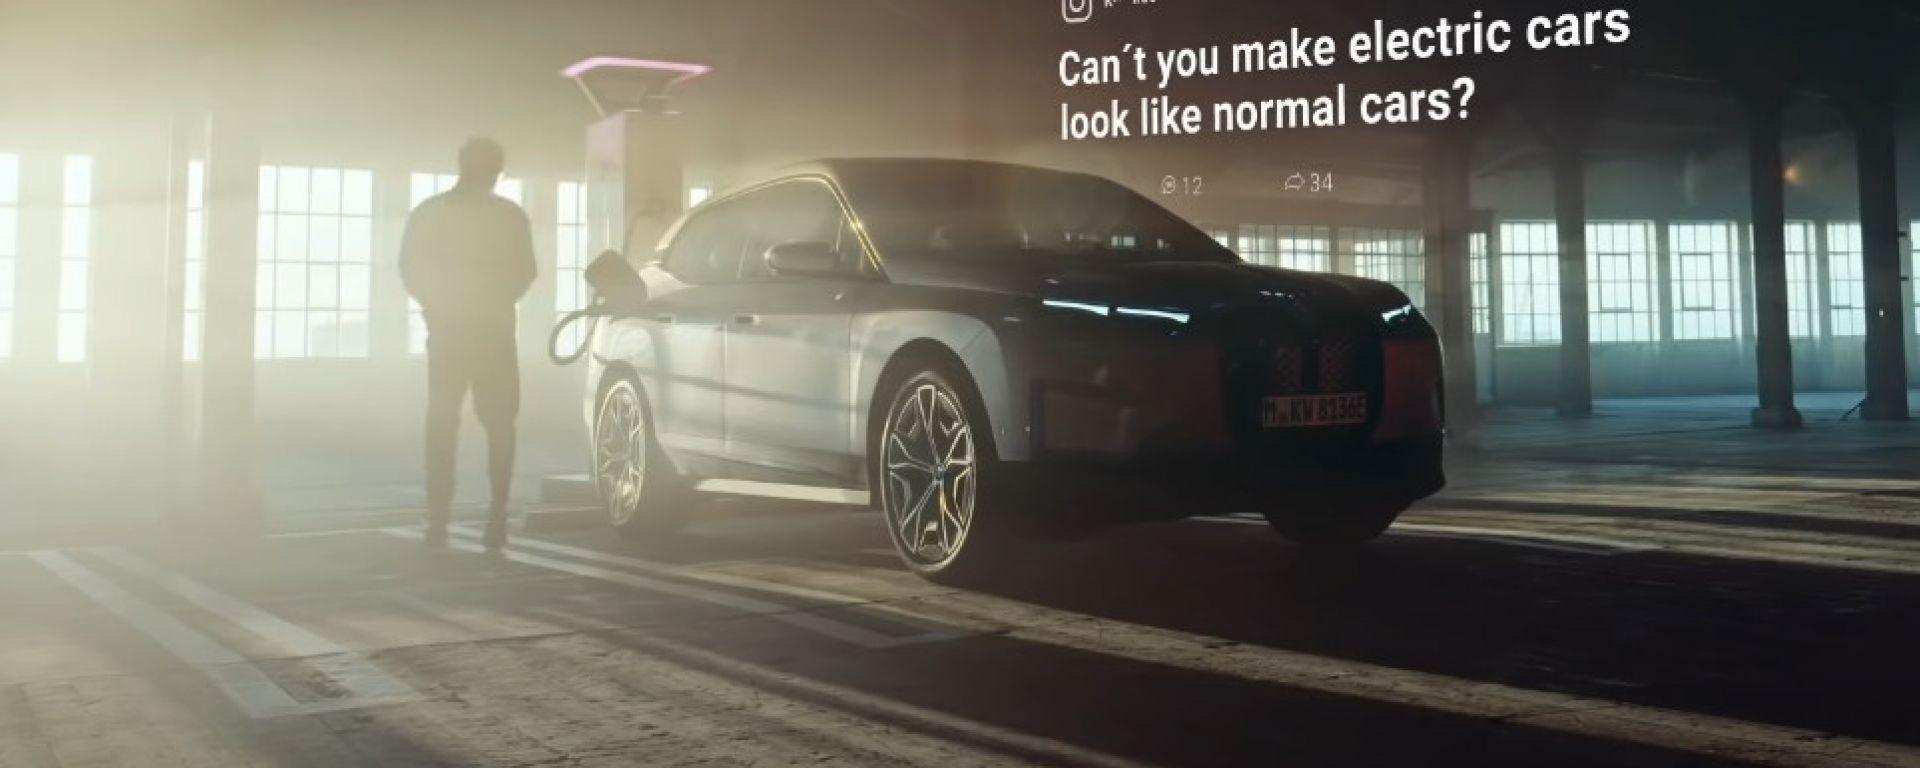 BMW iX, dal web pioggia di critiche. La risposta è geniale